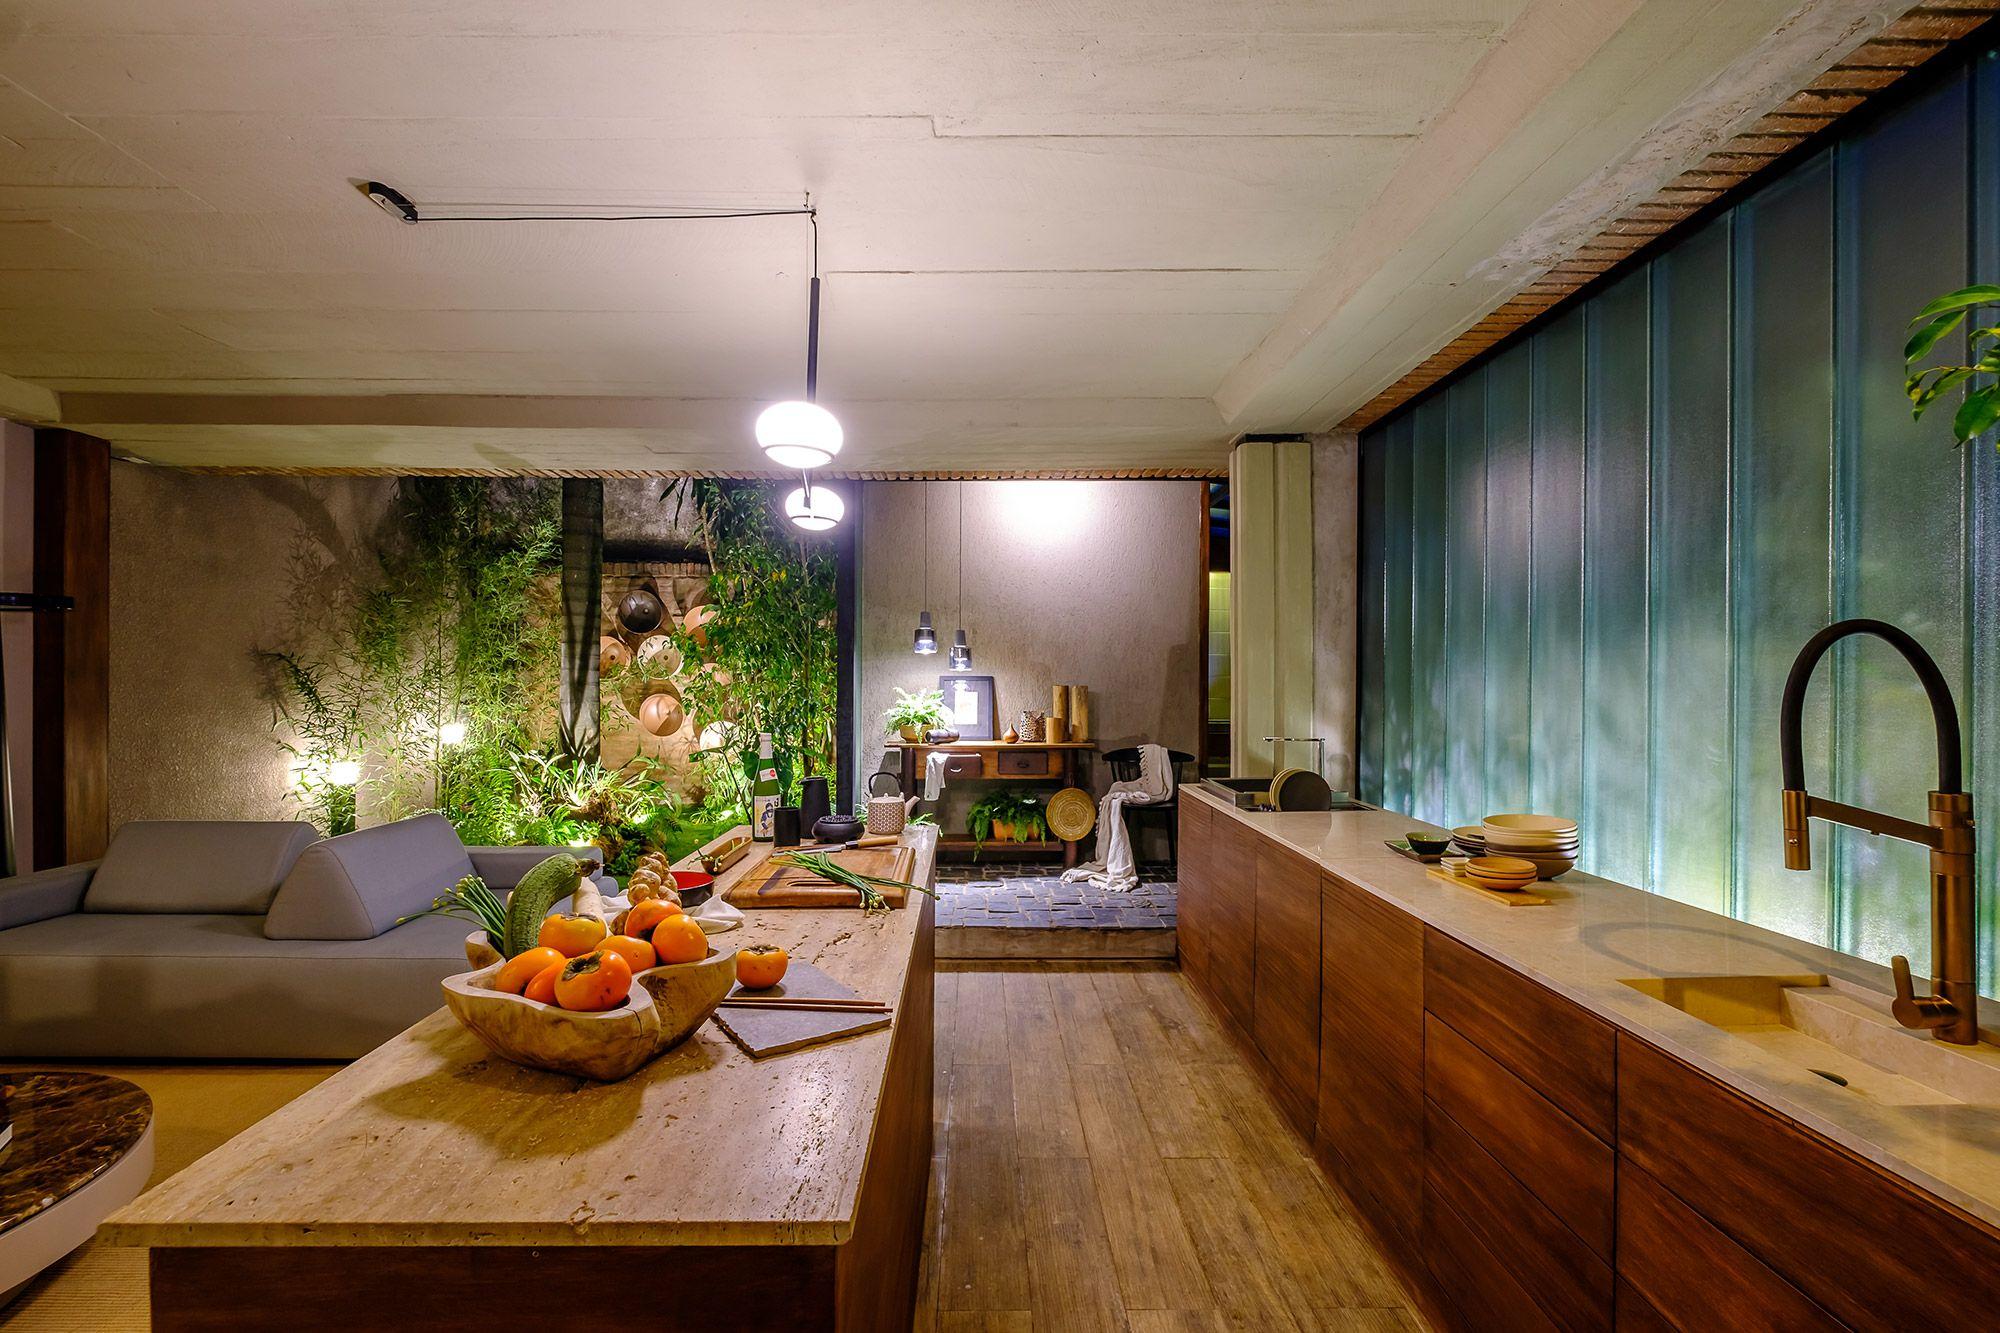 Casa Komorebí - Tassiana Oshiro. Projeto da CASACOR Bolívia 2021.